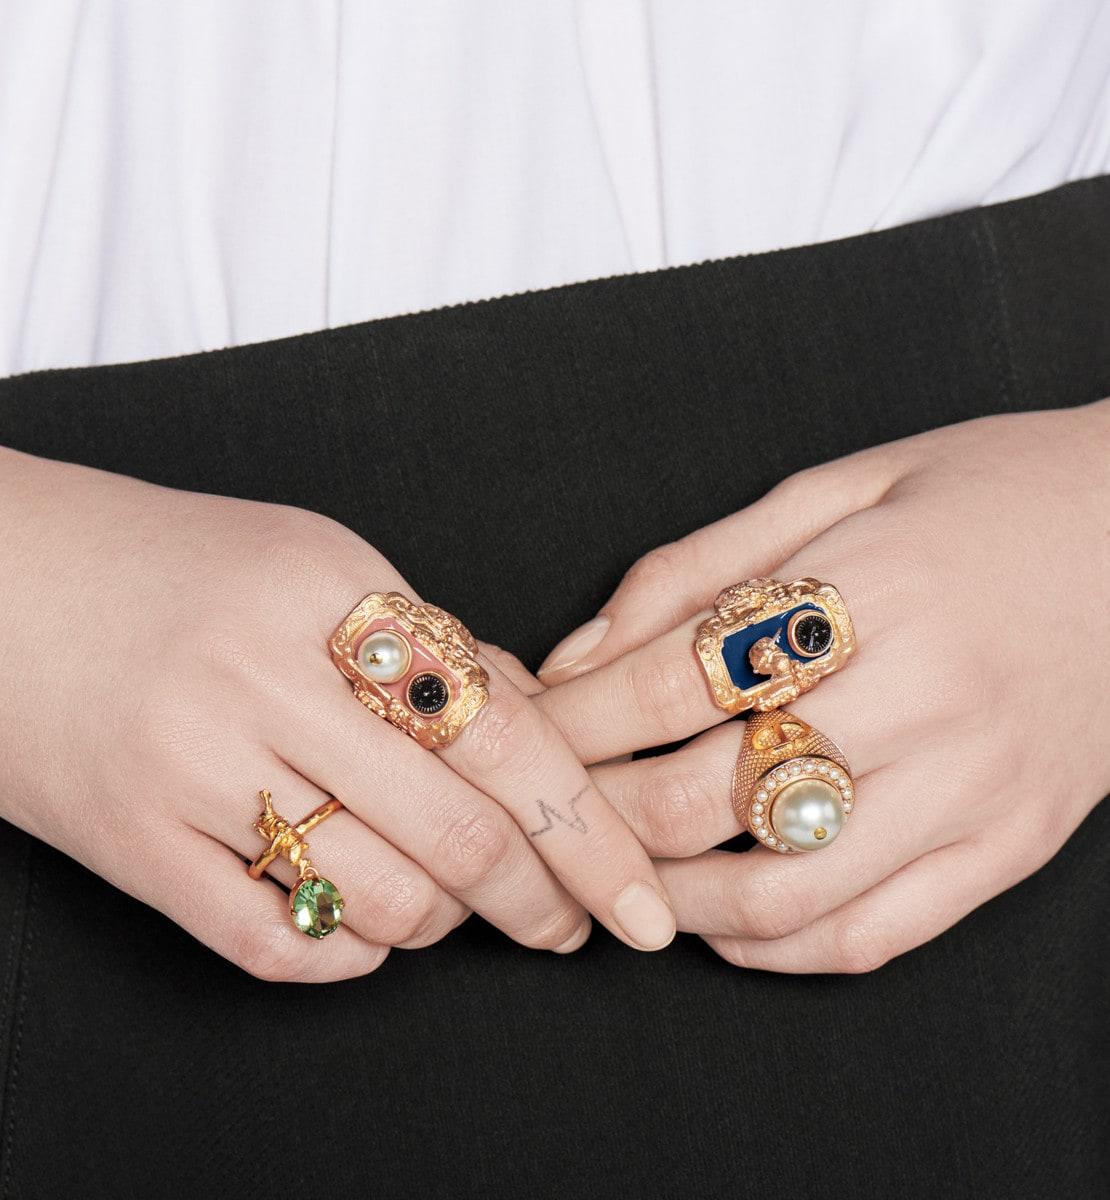 Bague Dior Dream Métal finition dorée et perles en résine blanche